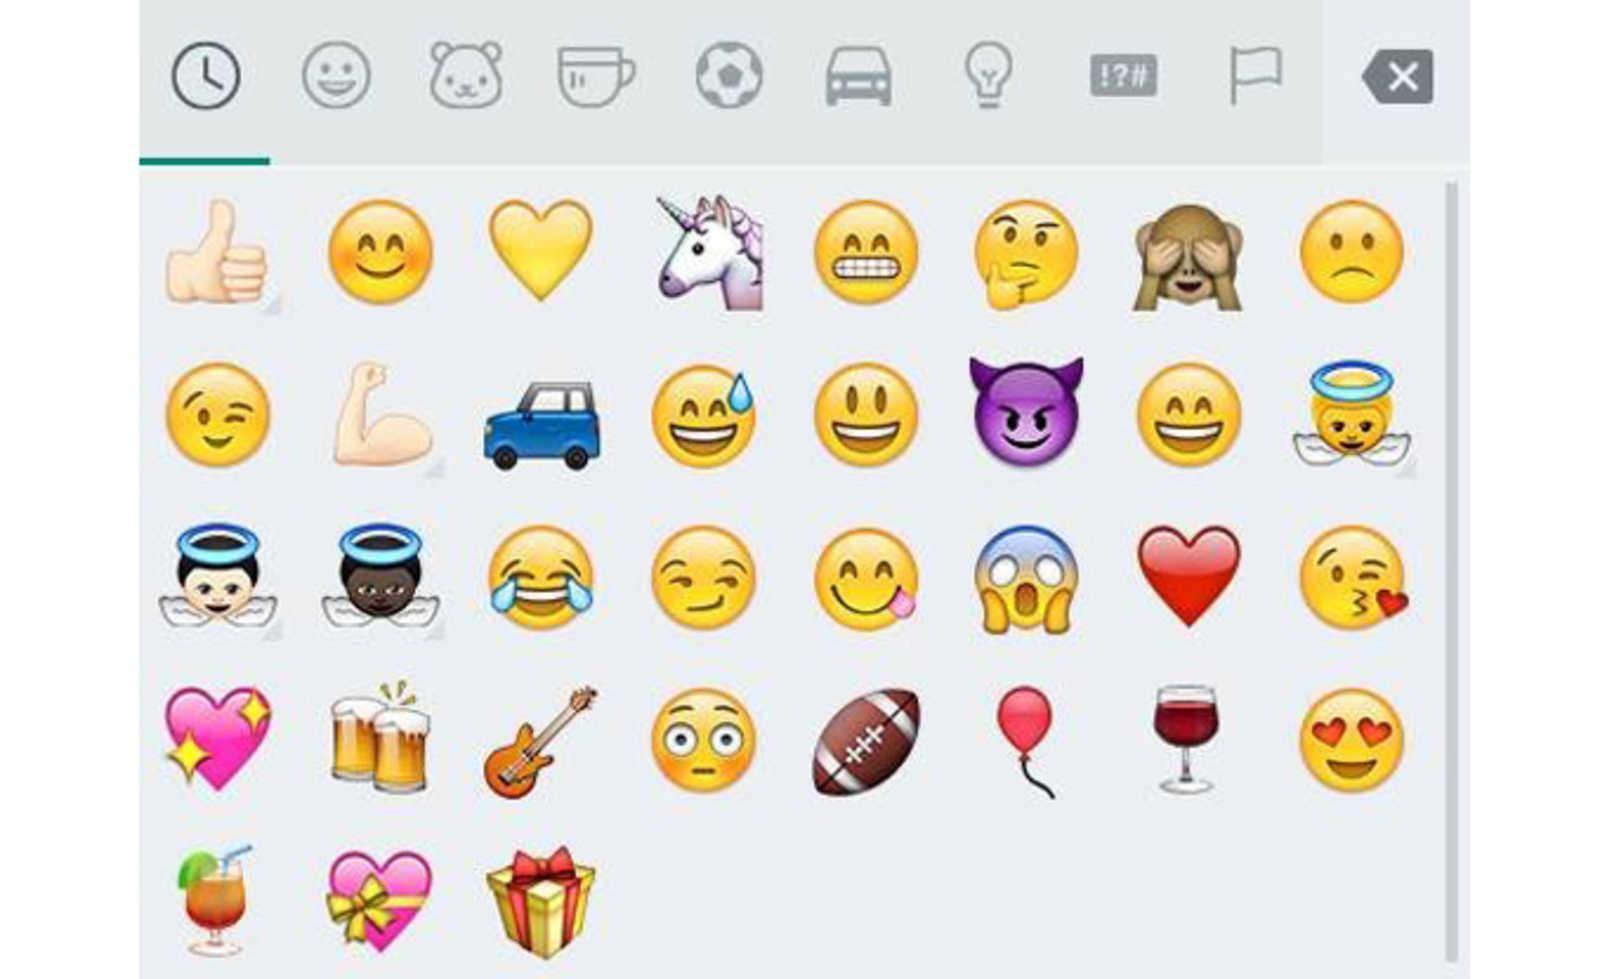 Emojis Android Nutzer Bekommen 150 Neue Symbole Antenne Bayern